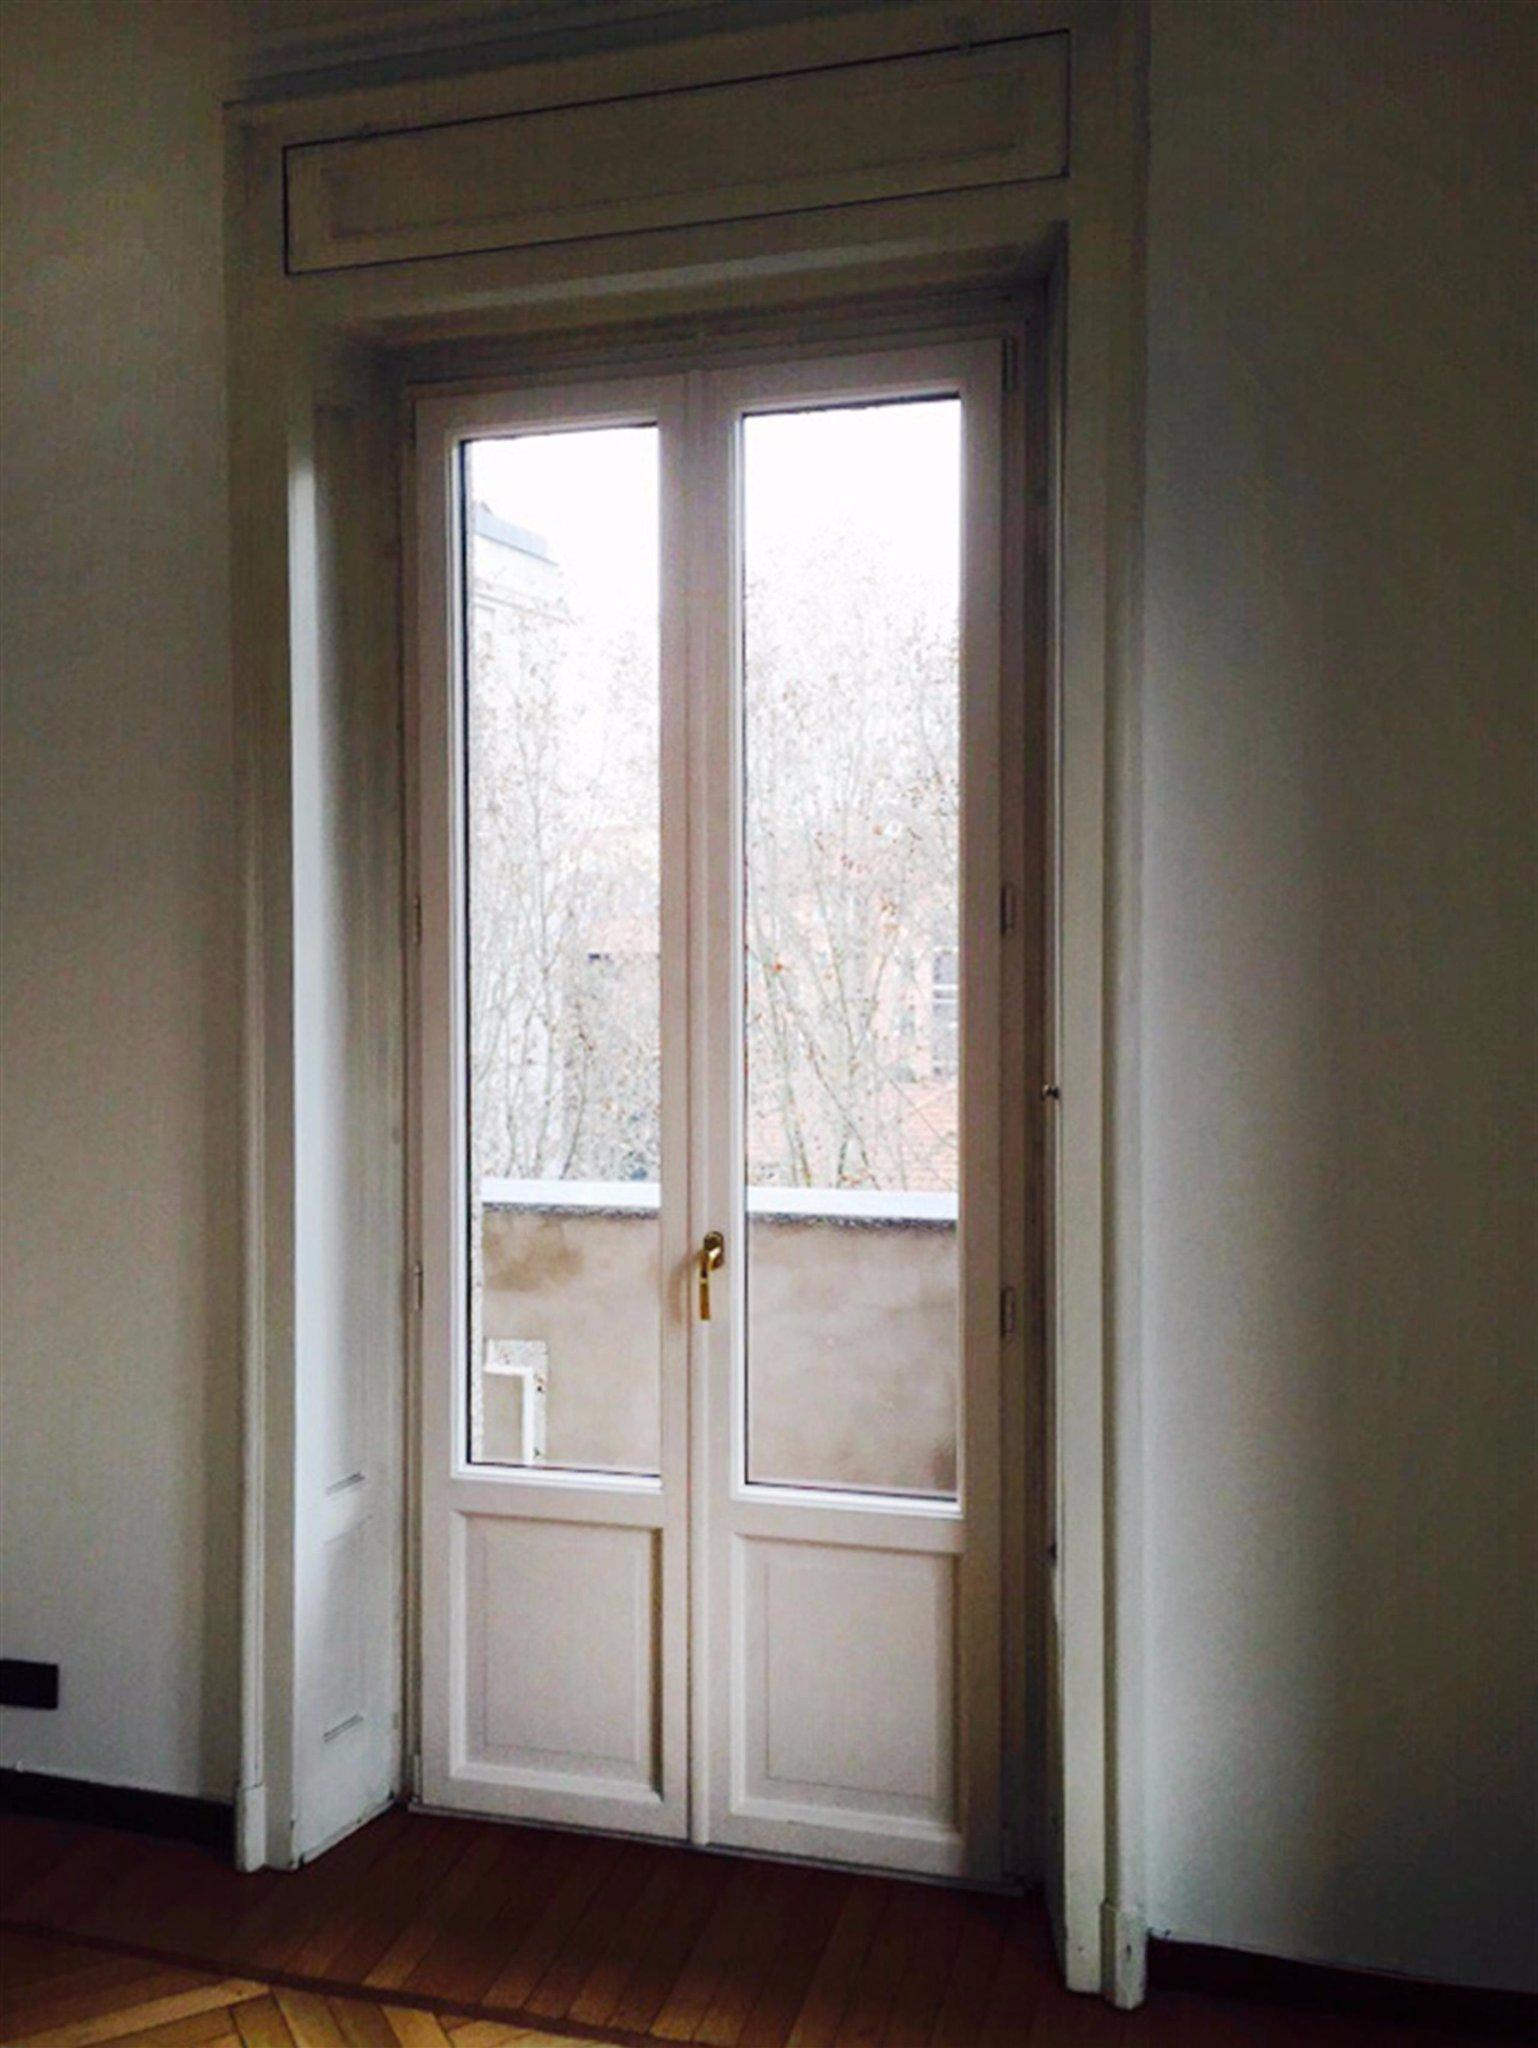 sostituzione finestre e persiane - Instapro